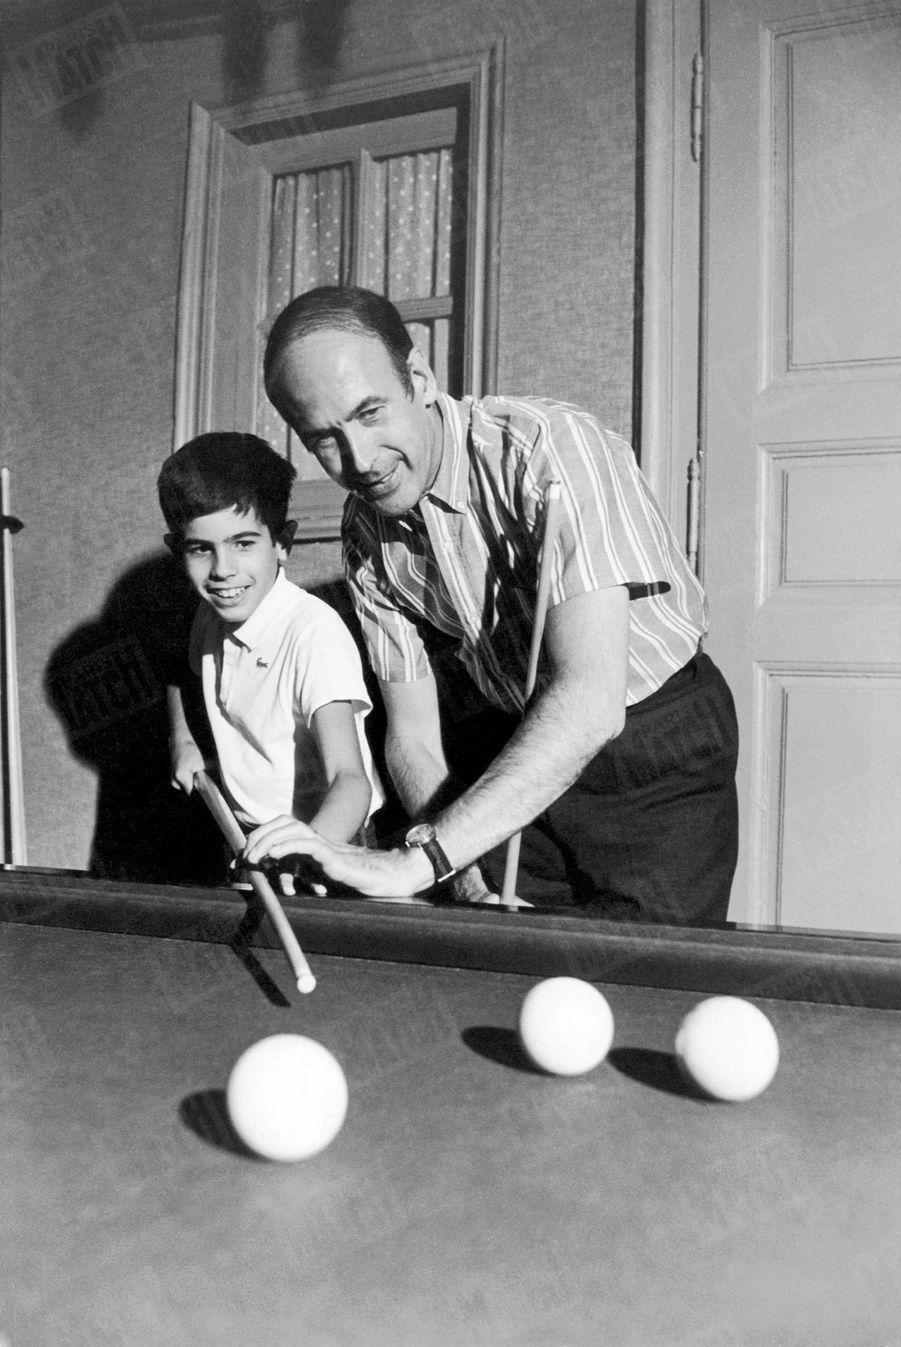 Valéry Giscard d'Estaing joue aux billard avec son fils Henri, 10 ans, dans la maison familiale de Chanonat, dans le Puy-de-Dôme, en août 1967.